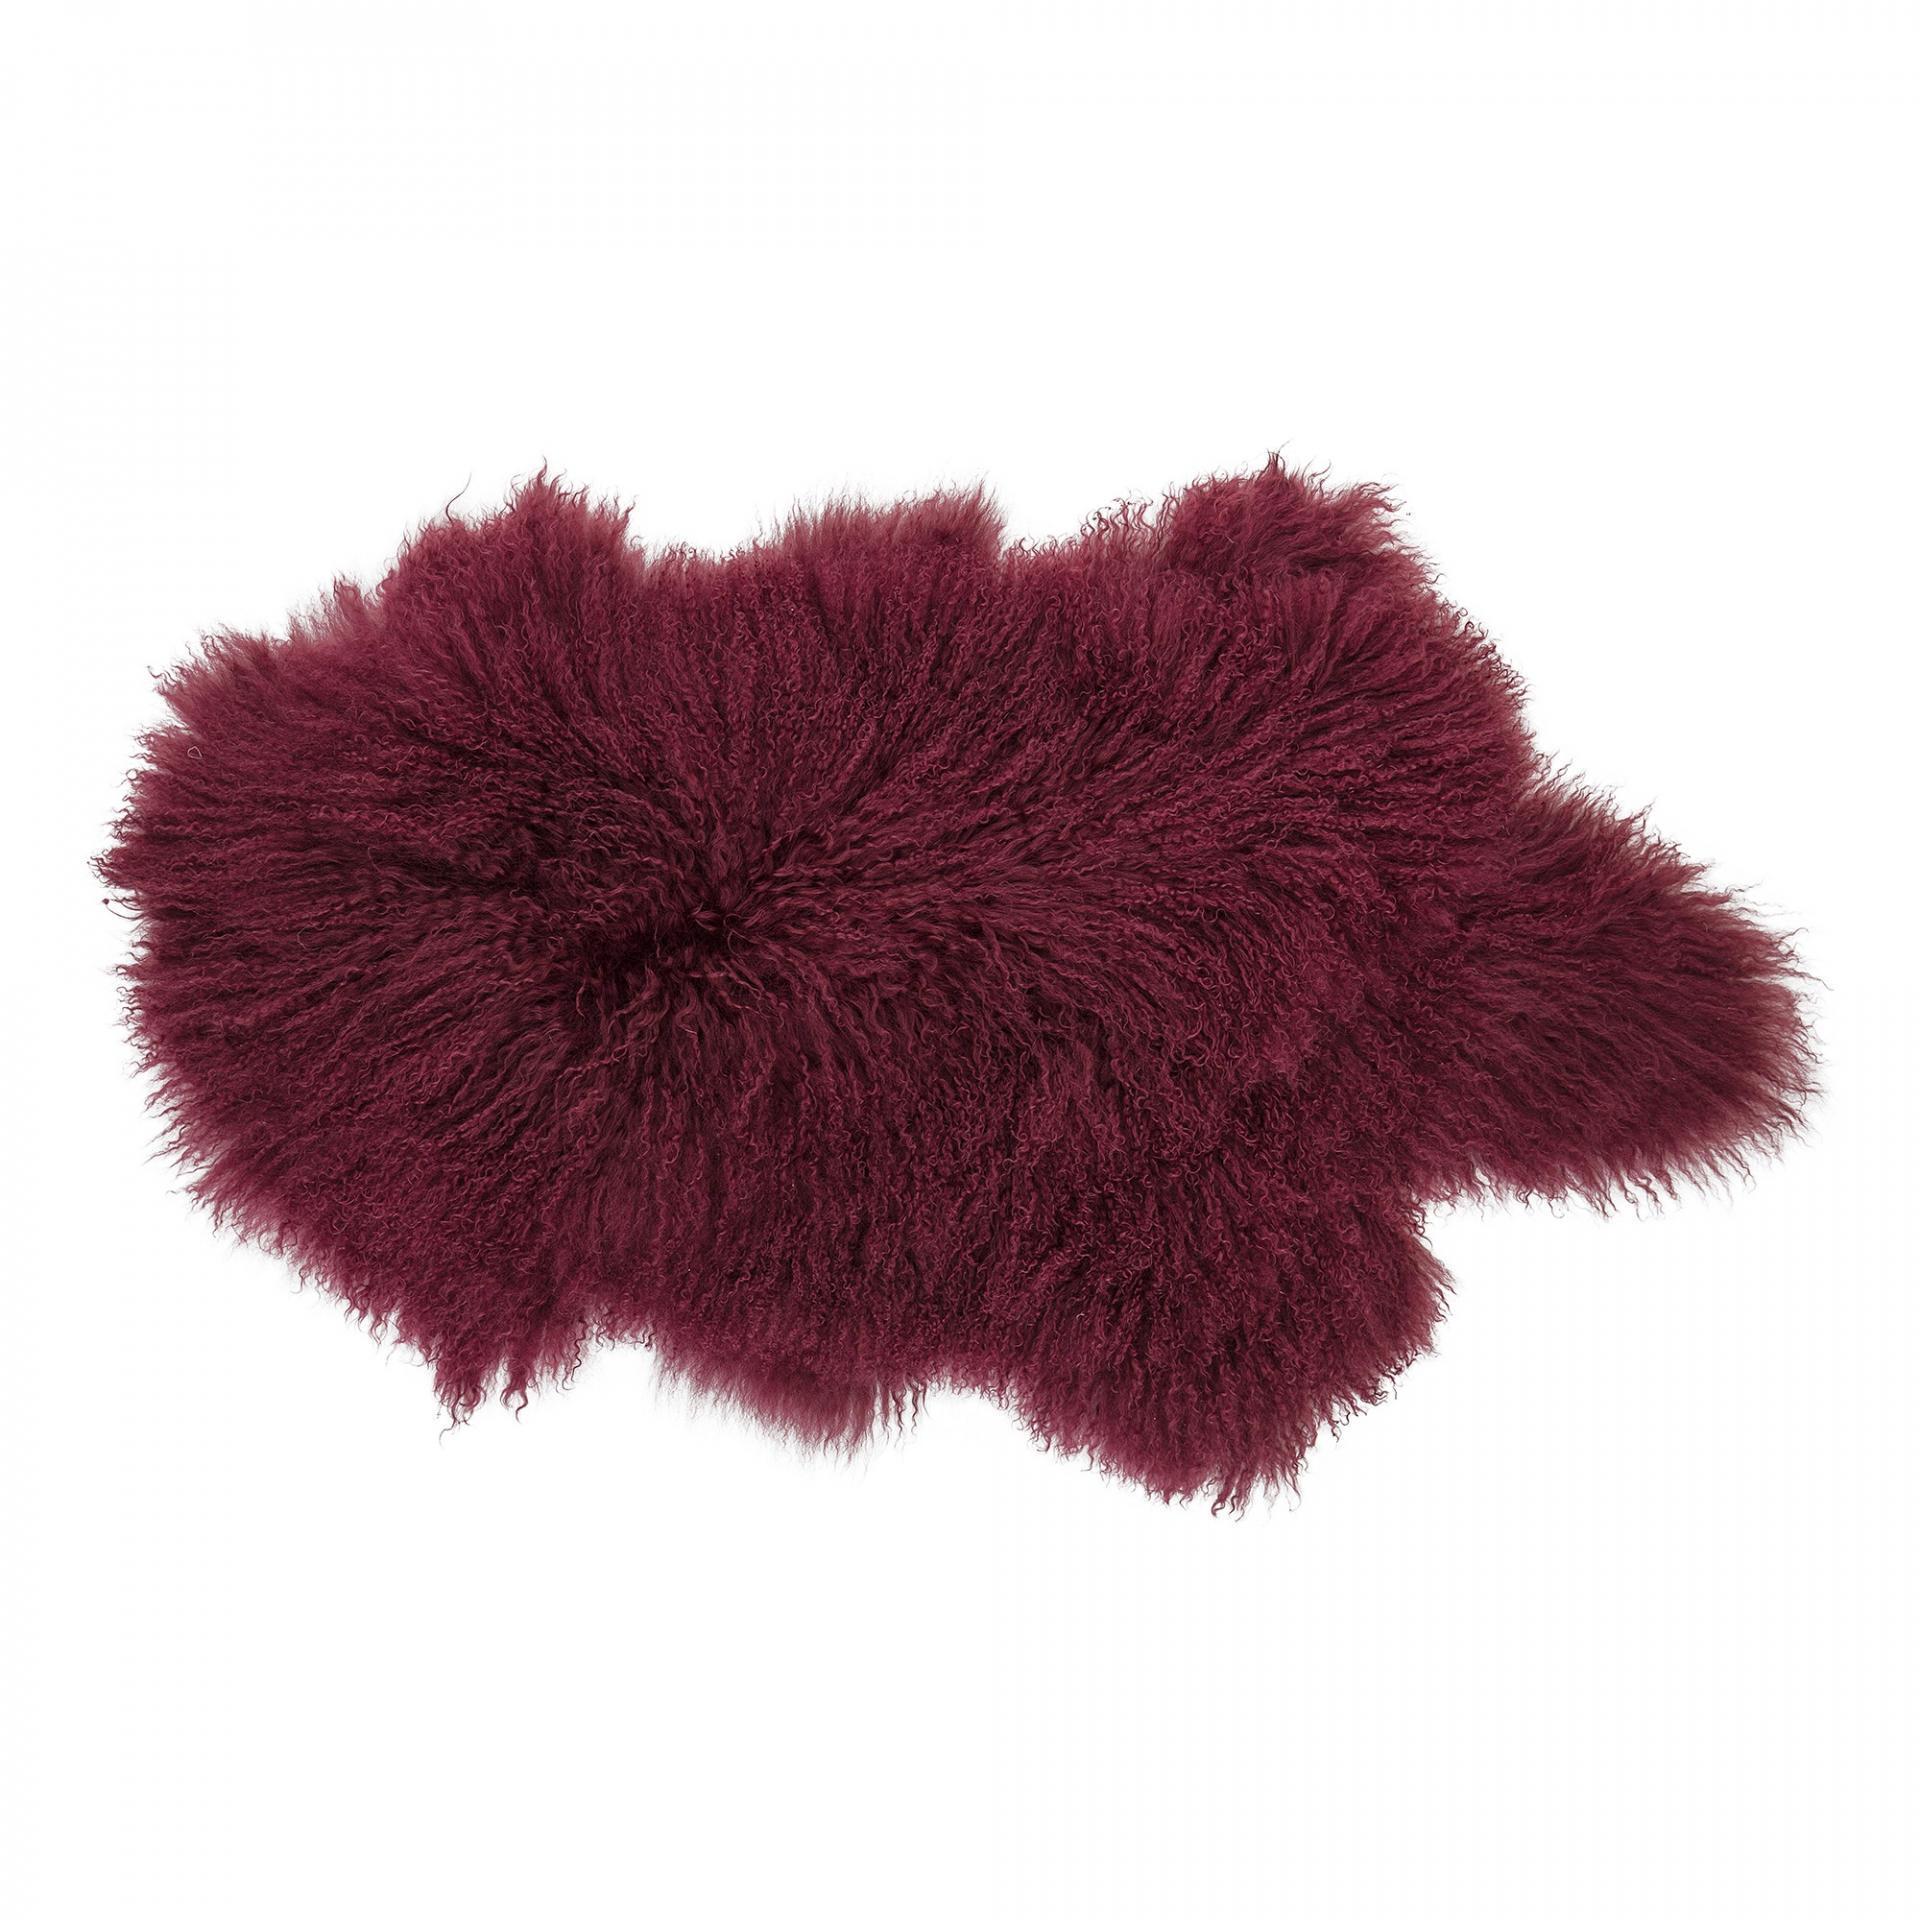 Bloomingville Mongolská ovčí kožešina Red, červená barva, kožešina